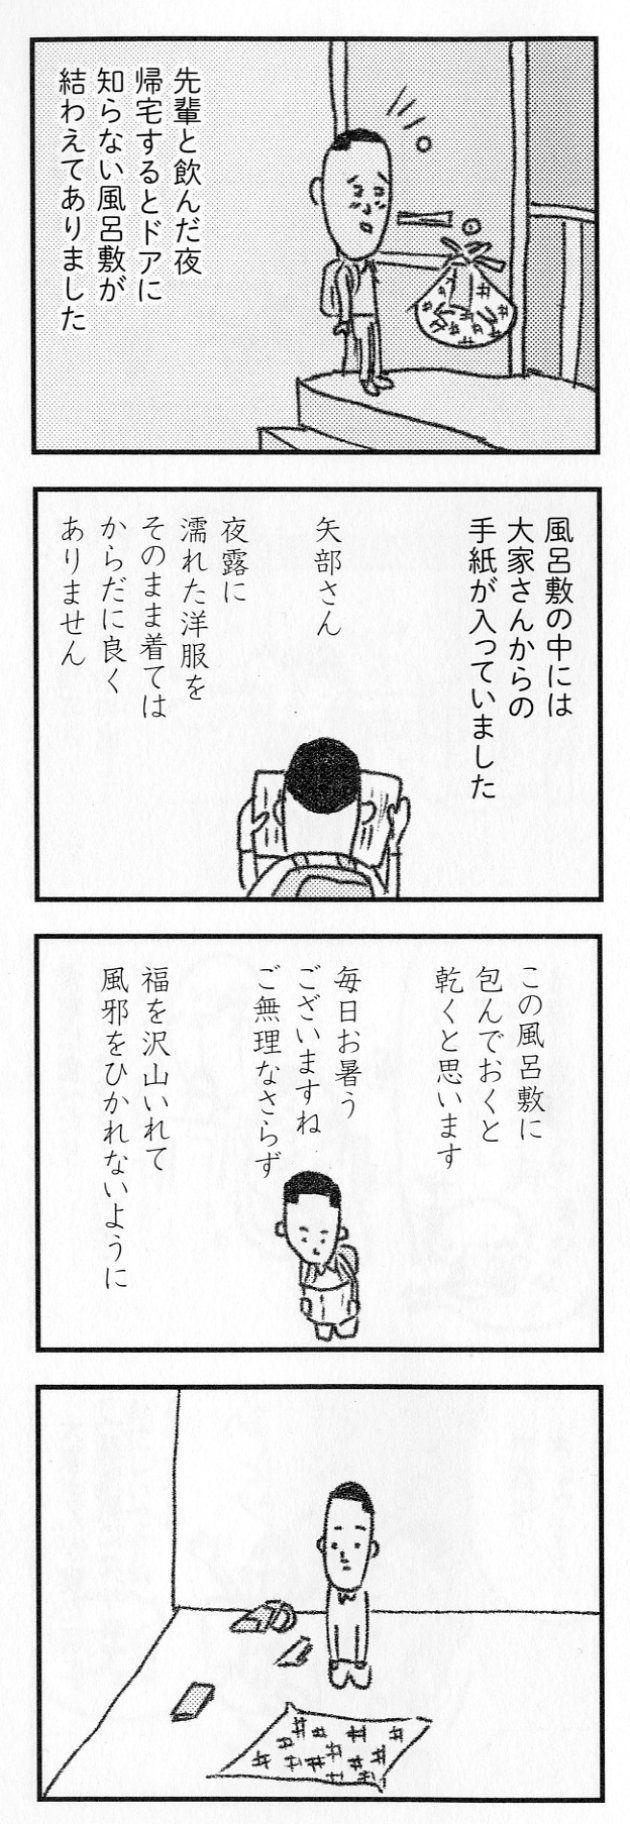 カラテカ矢部太郎さんは、88歳の大家さんとこうやって家族になった